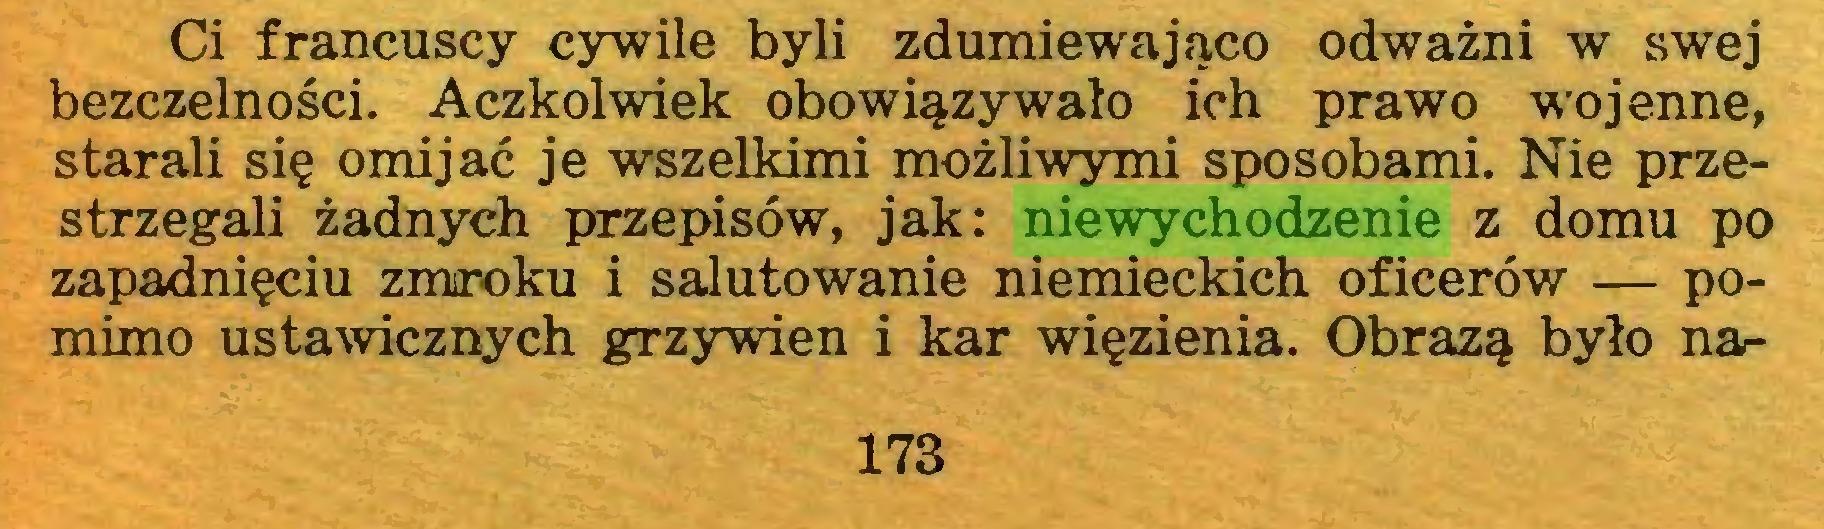 (...) Ci francuscy cywile byli zdumiewająco odważni w swej bezczelności. Aczkolwiek obowiązywało ich prawo wojenne, starali się omijać je wszelkimi możliwymi sposobami. Nie przestrzegali żadnych przepisów, jak: niewychodzenie z domu po zapadnięciu zmroku i salutowanie niemieckich oficerów — pomimo ustawicznych grzywien i kar więzienia. Obrazą było na173...